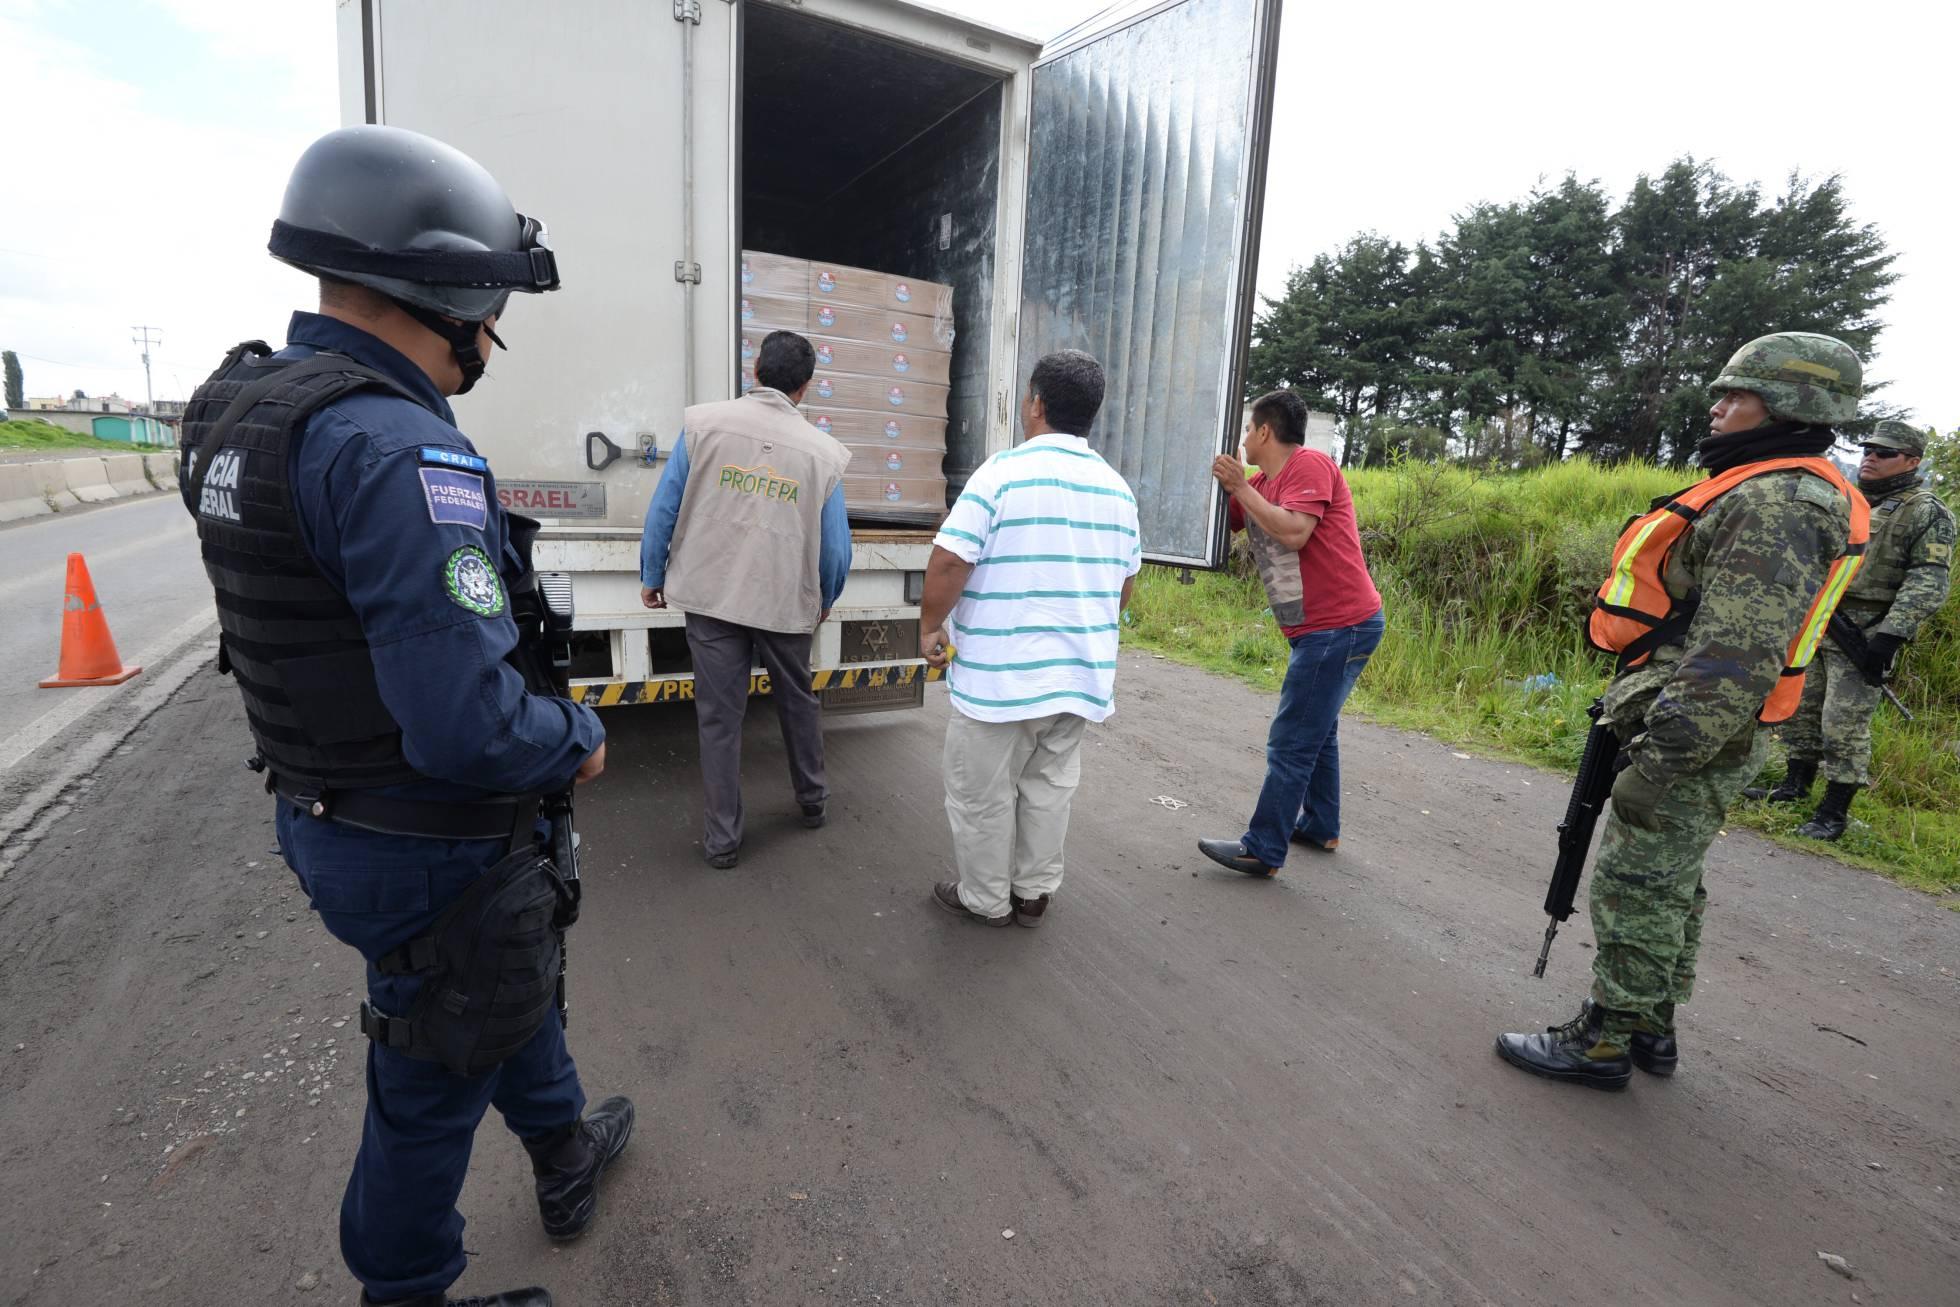 El Supremo mexicano avala las inspecciones policiales sin orden judicial